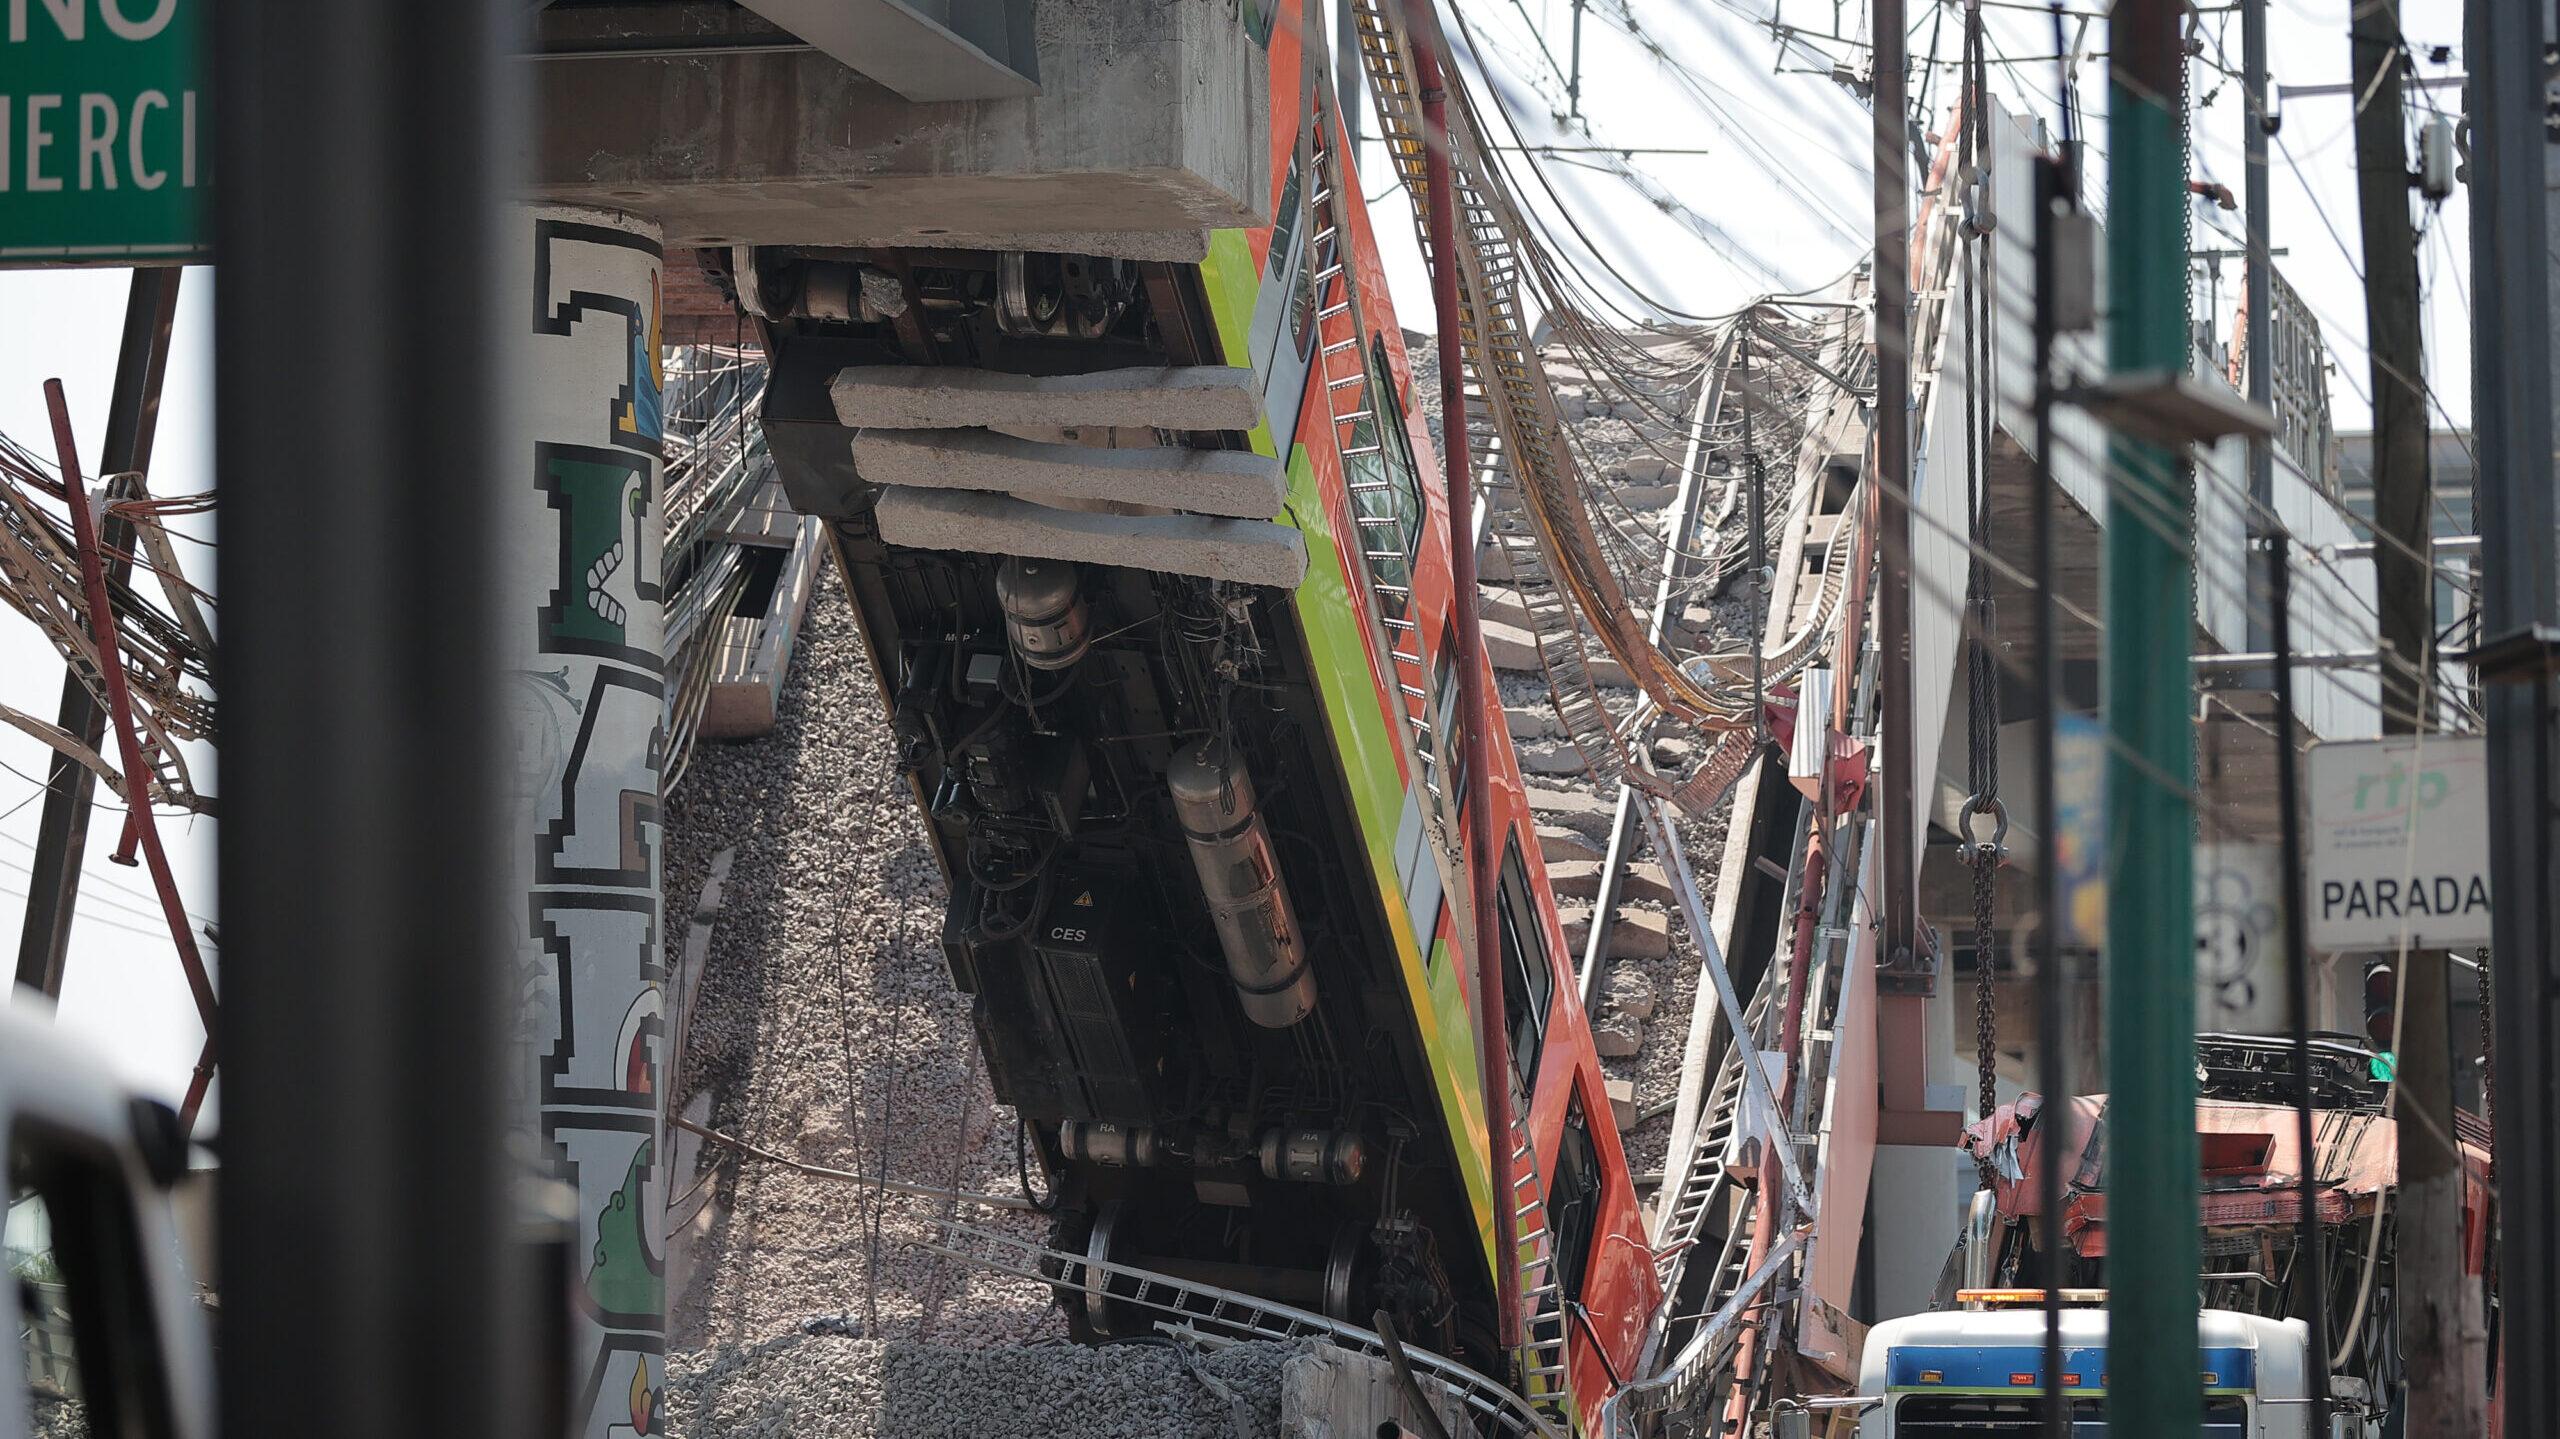 Empresa noruega hará peritaje sobre colapso del metro